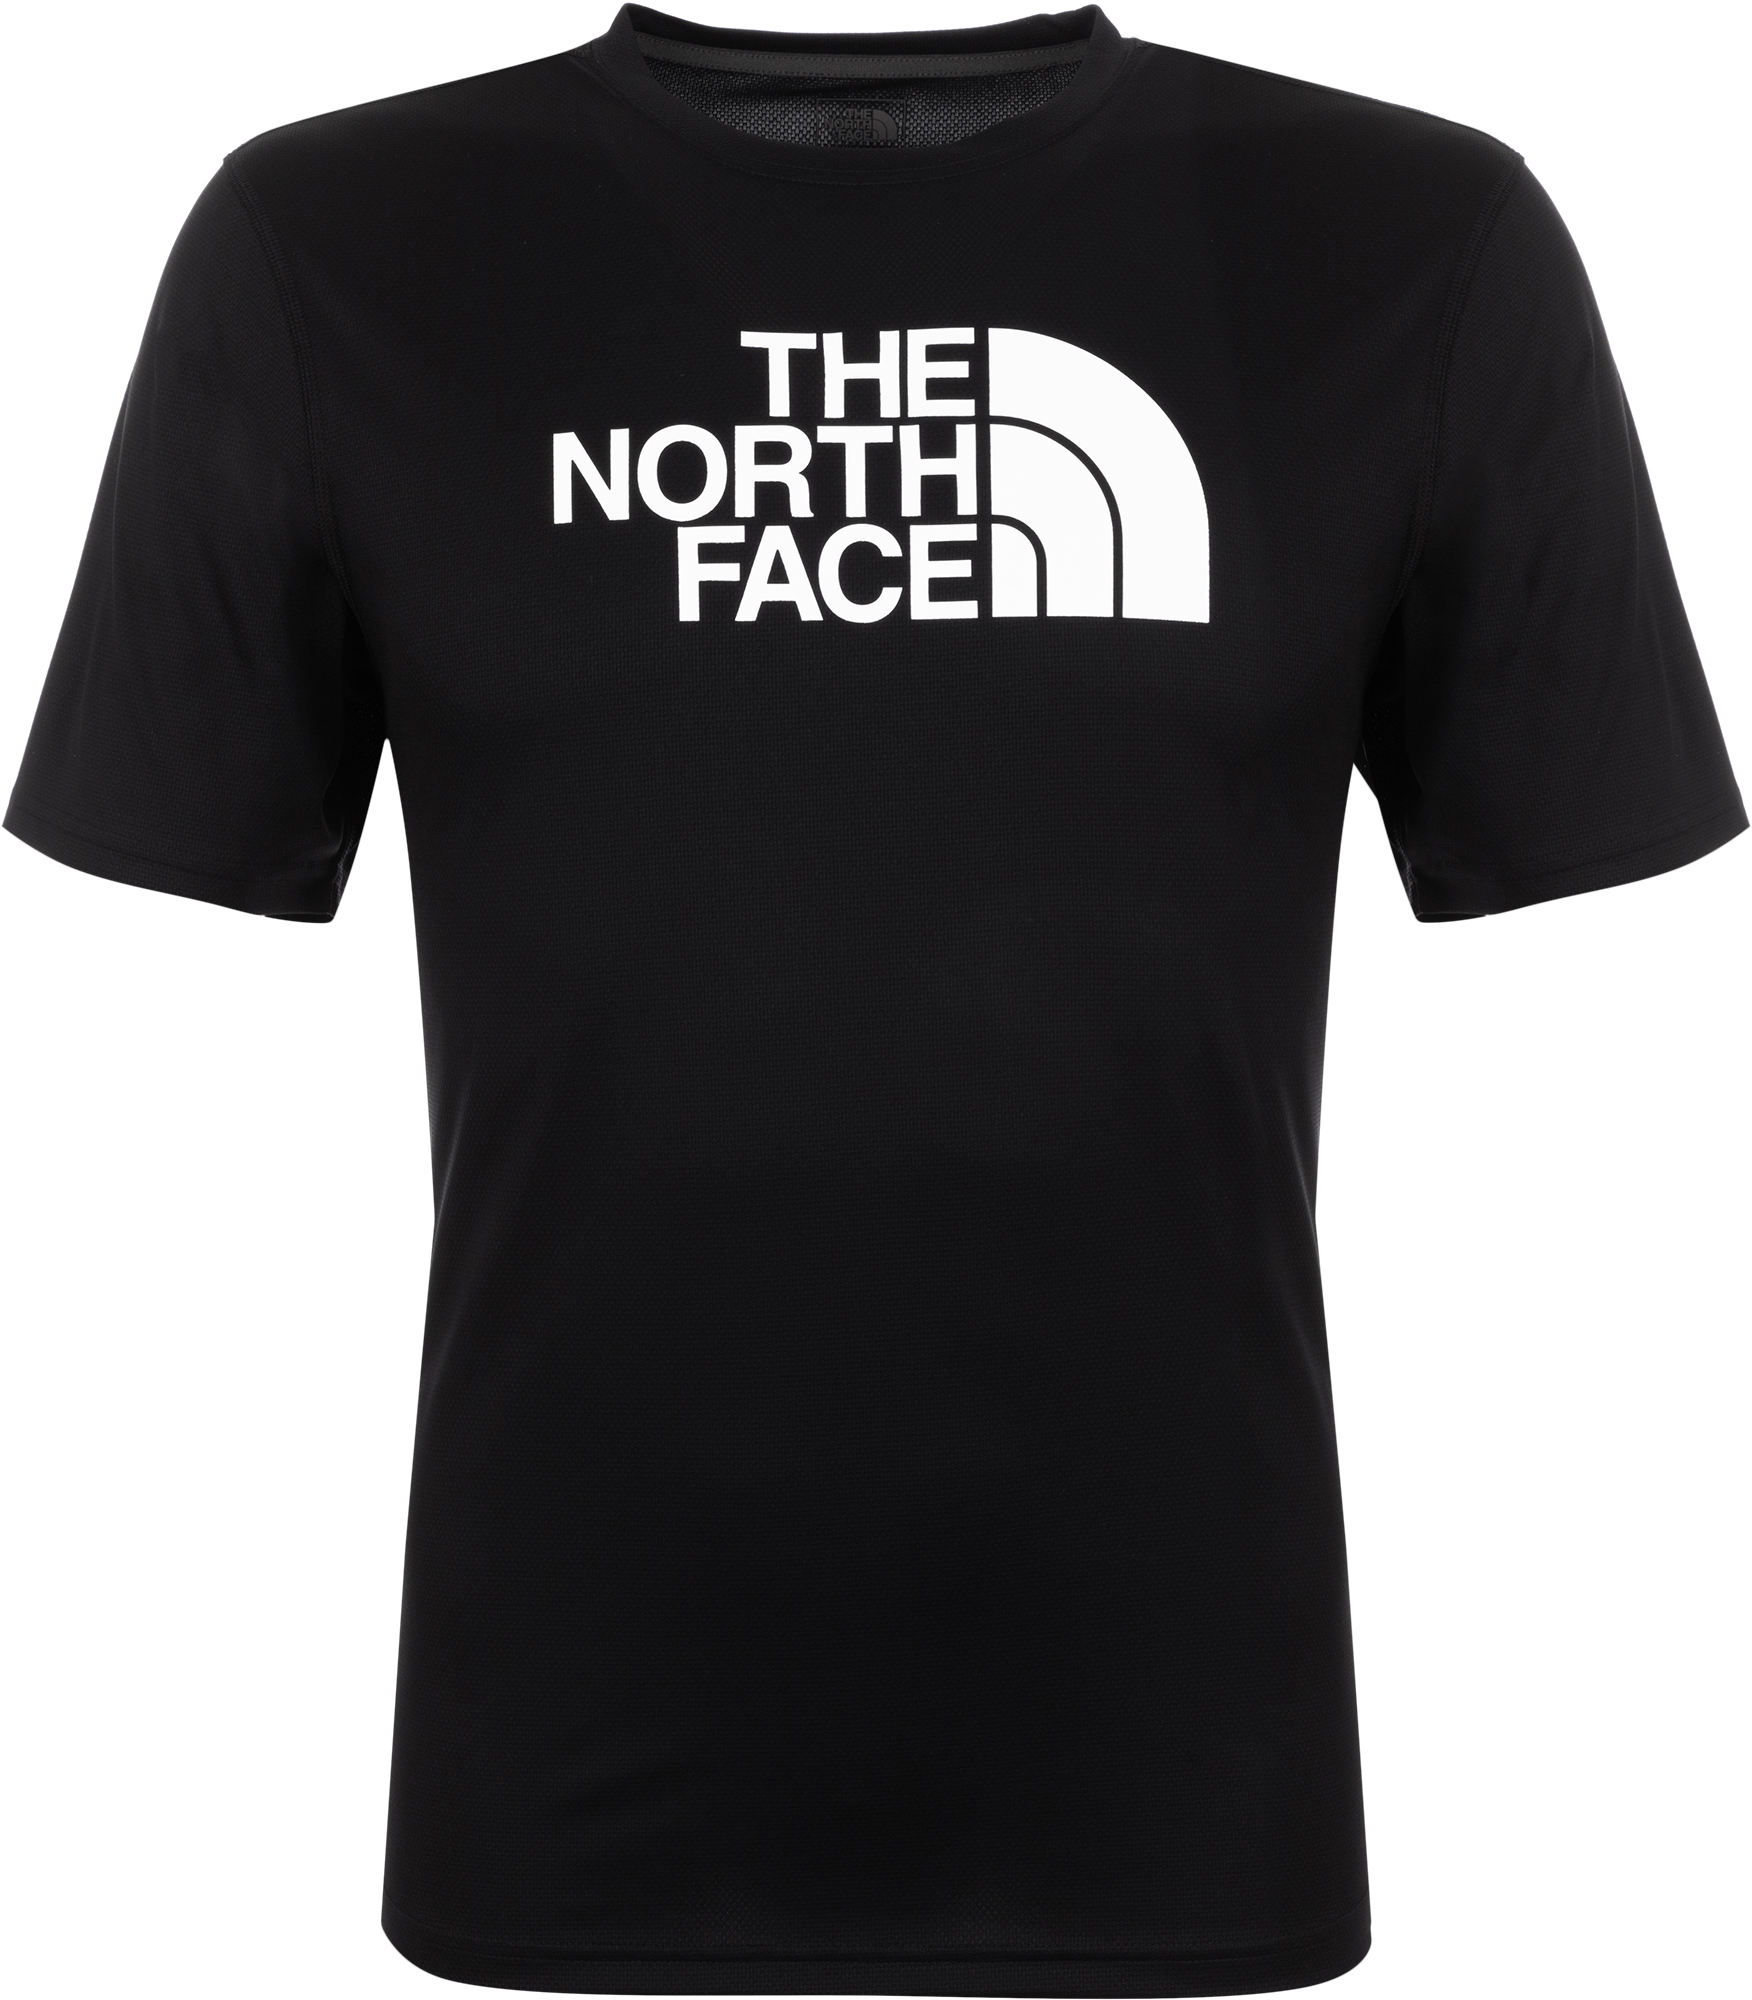 The North Face Футболка мужская The North Face Train N Logo Flex, размер 52 футболка мужская cms 110000 all star logo